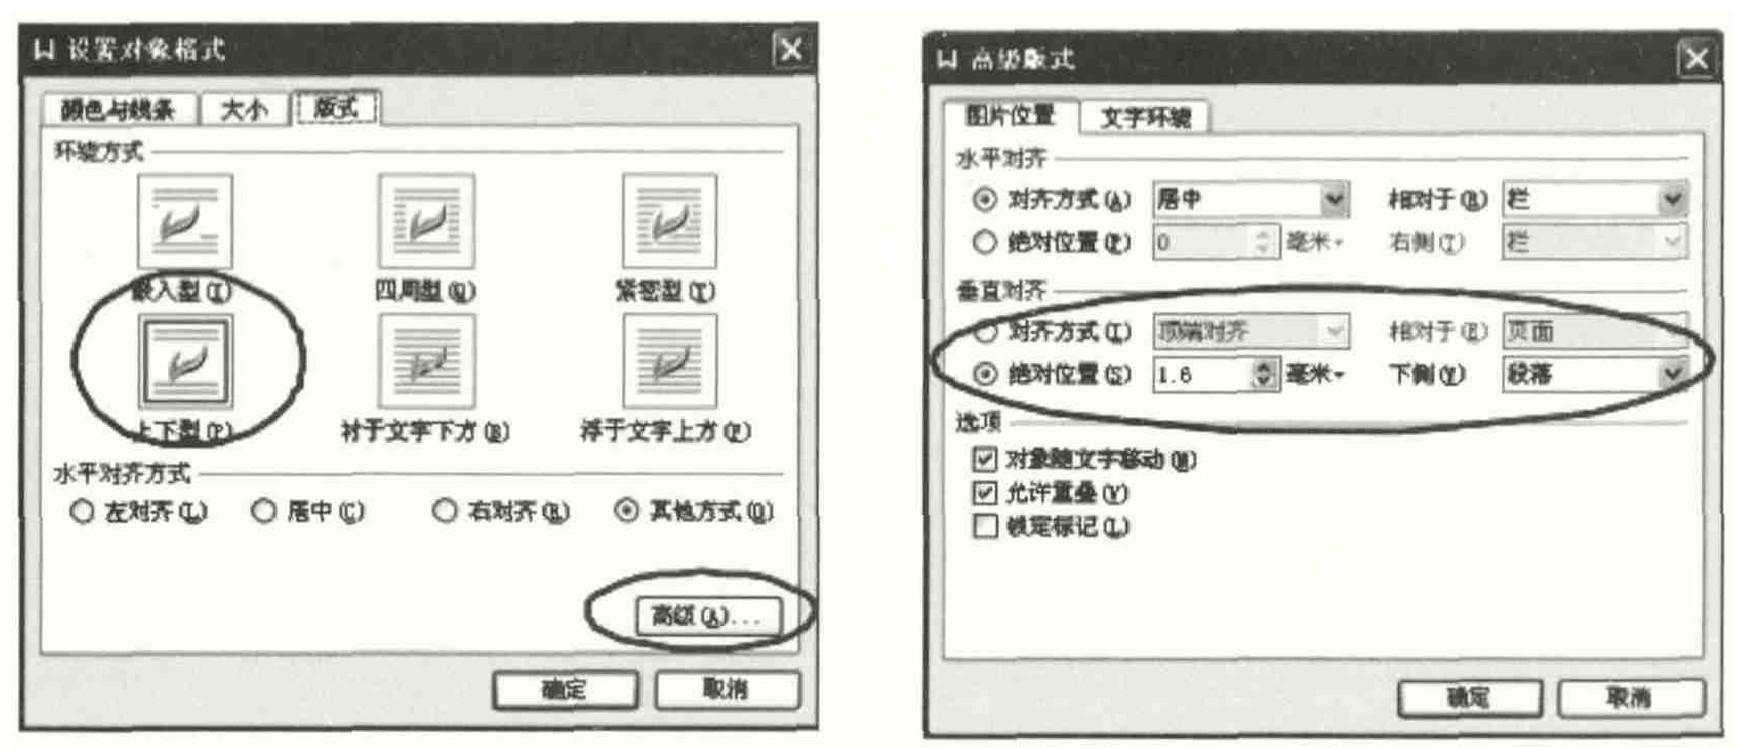 """巧用软件WPS文字定位功能解决公文格式排版""""老大难""""问题"""